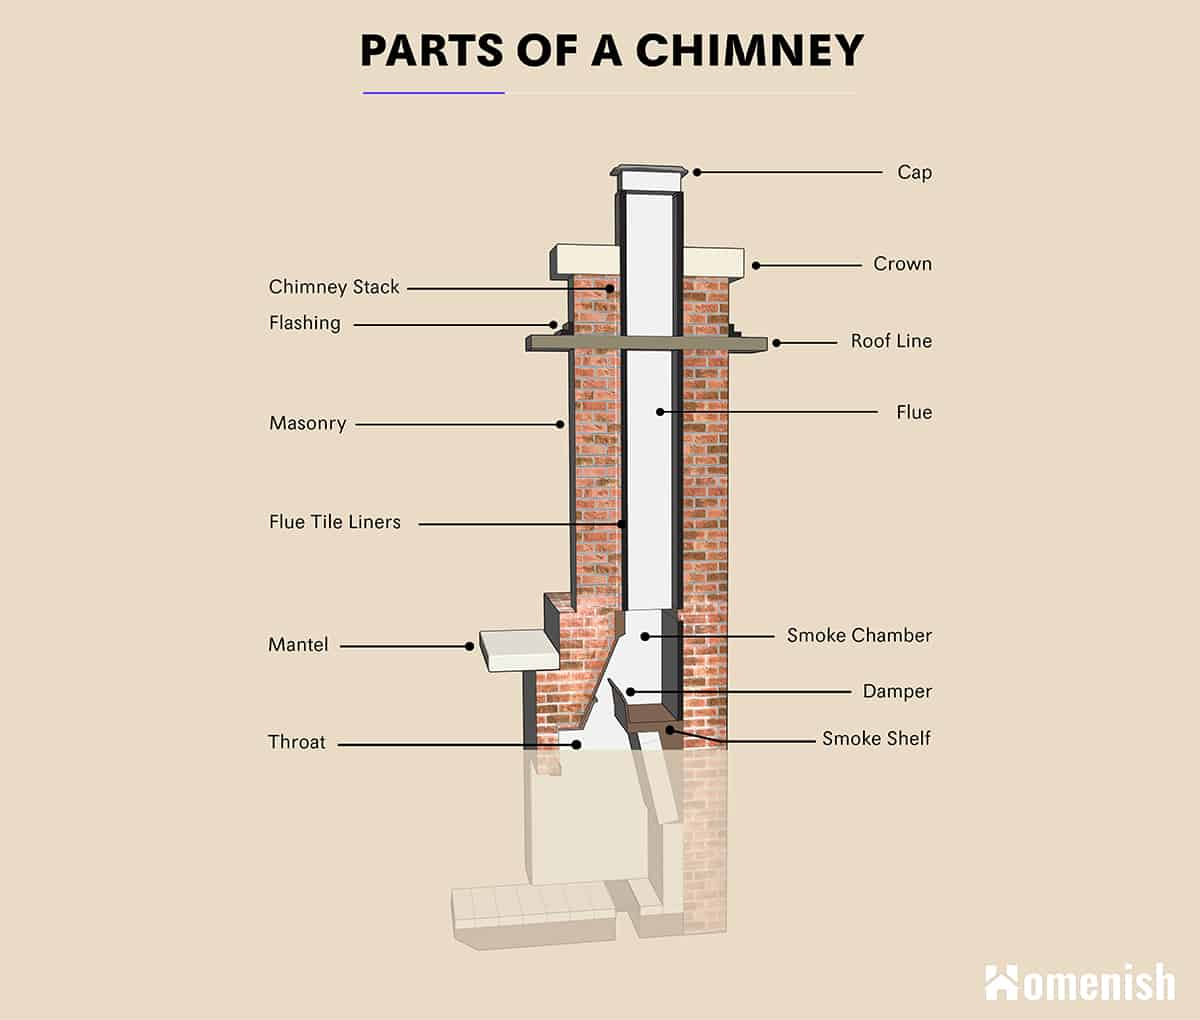 Anatomy of a Chimney